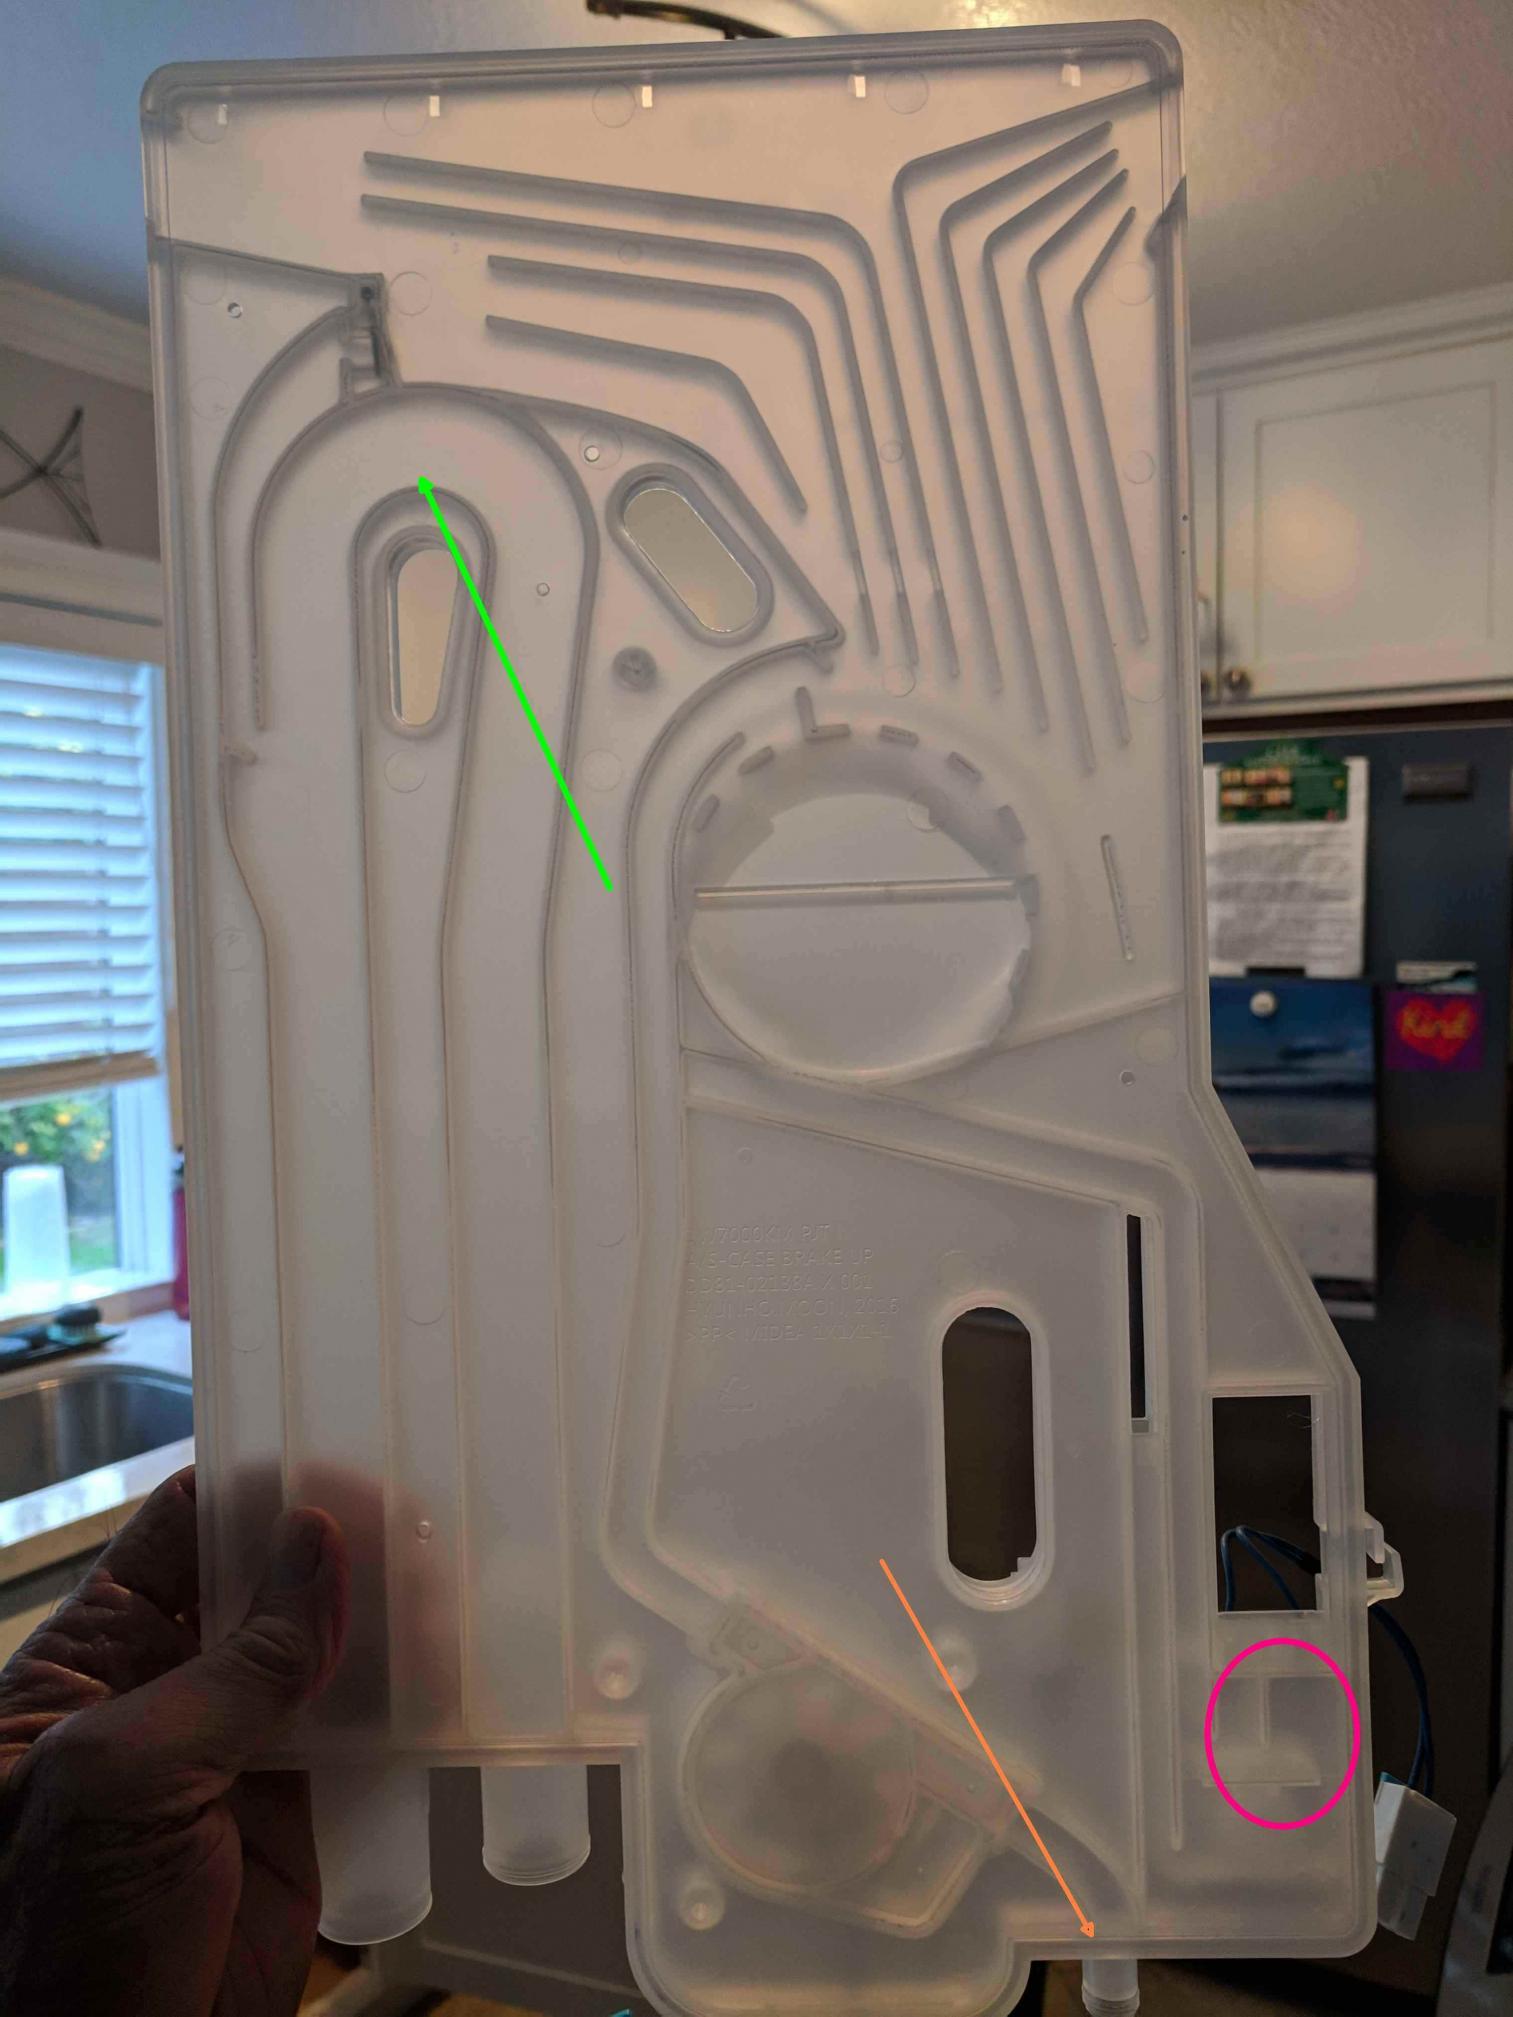 Samsung Dishwasher Flashing Smart Auto And Heavy : samsung, dishwasher, flashing, smart, heavy, FIXED, Samsung, Dishwasher, DW80F600UTS/AA, Smart, Heavy, Warning, Level, Water, Error, Applianceblog, Repair, Forums